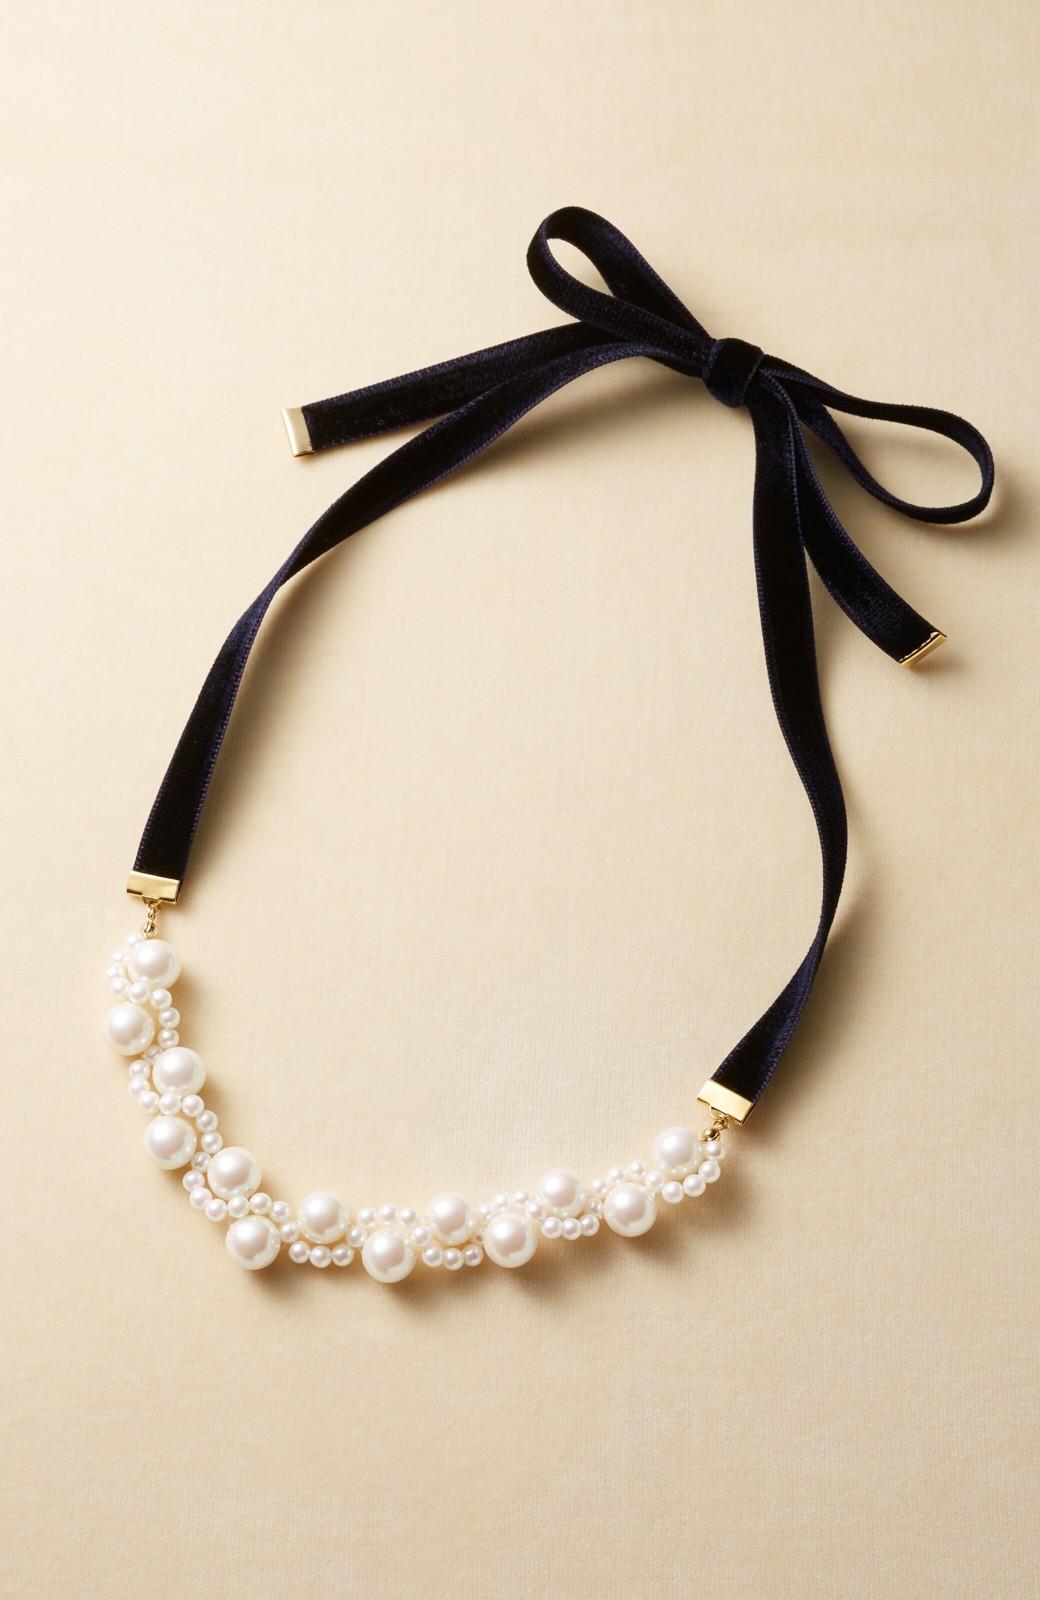 haco! ぱっとつけてぐっと華やぐ 結婚式にも便利なプラパールの編み込みネックレス <ネイビー>の商品写真4